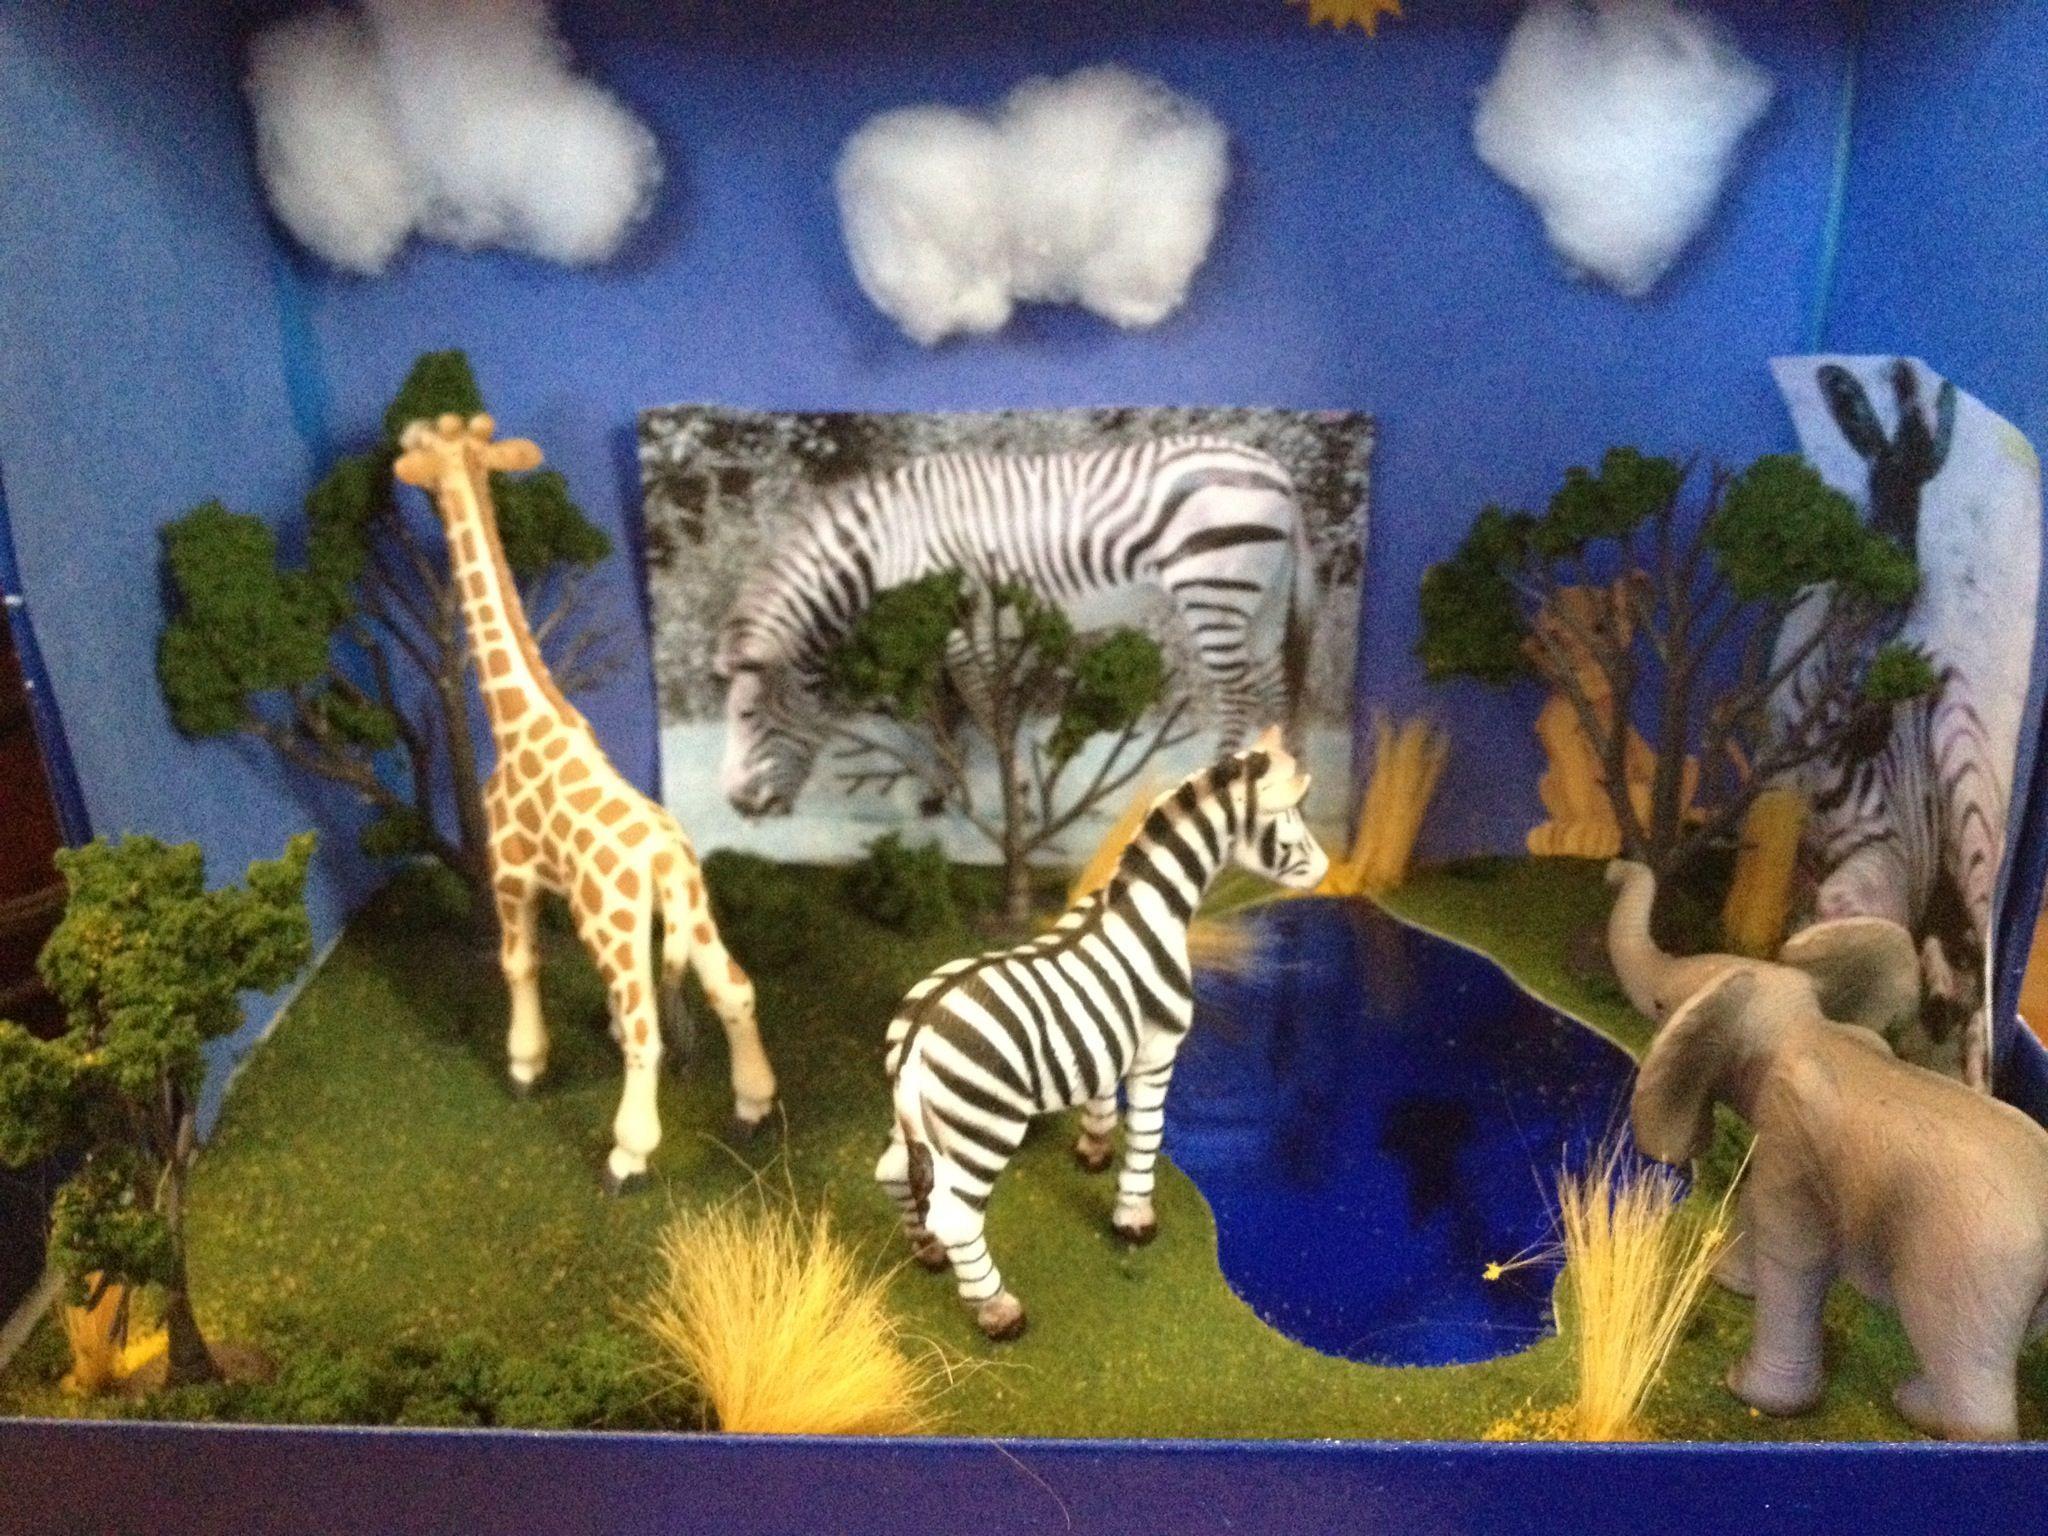 Zebra Diorama For 3rd Grade